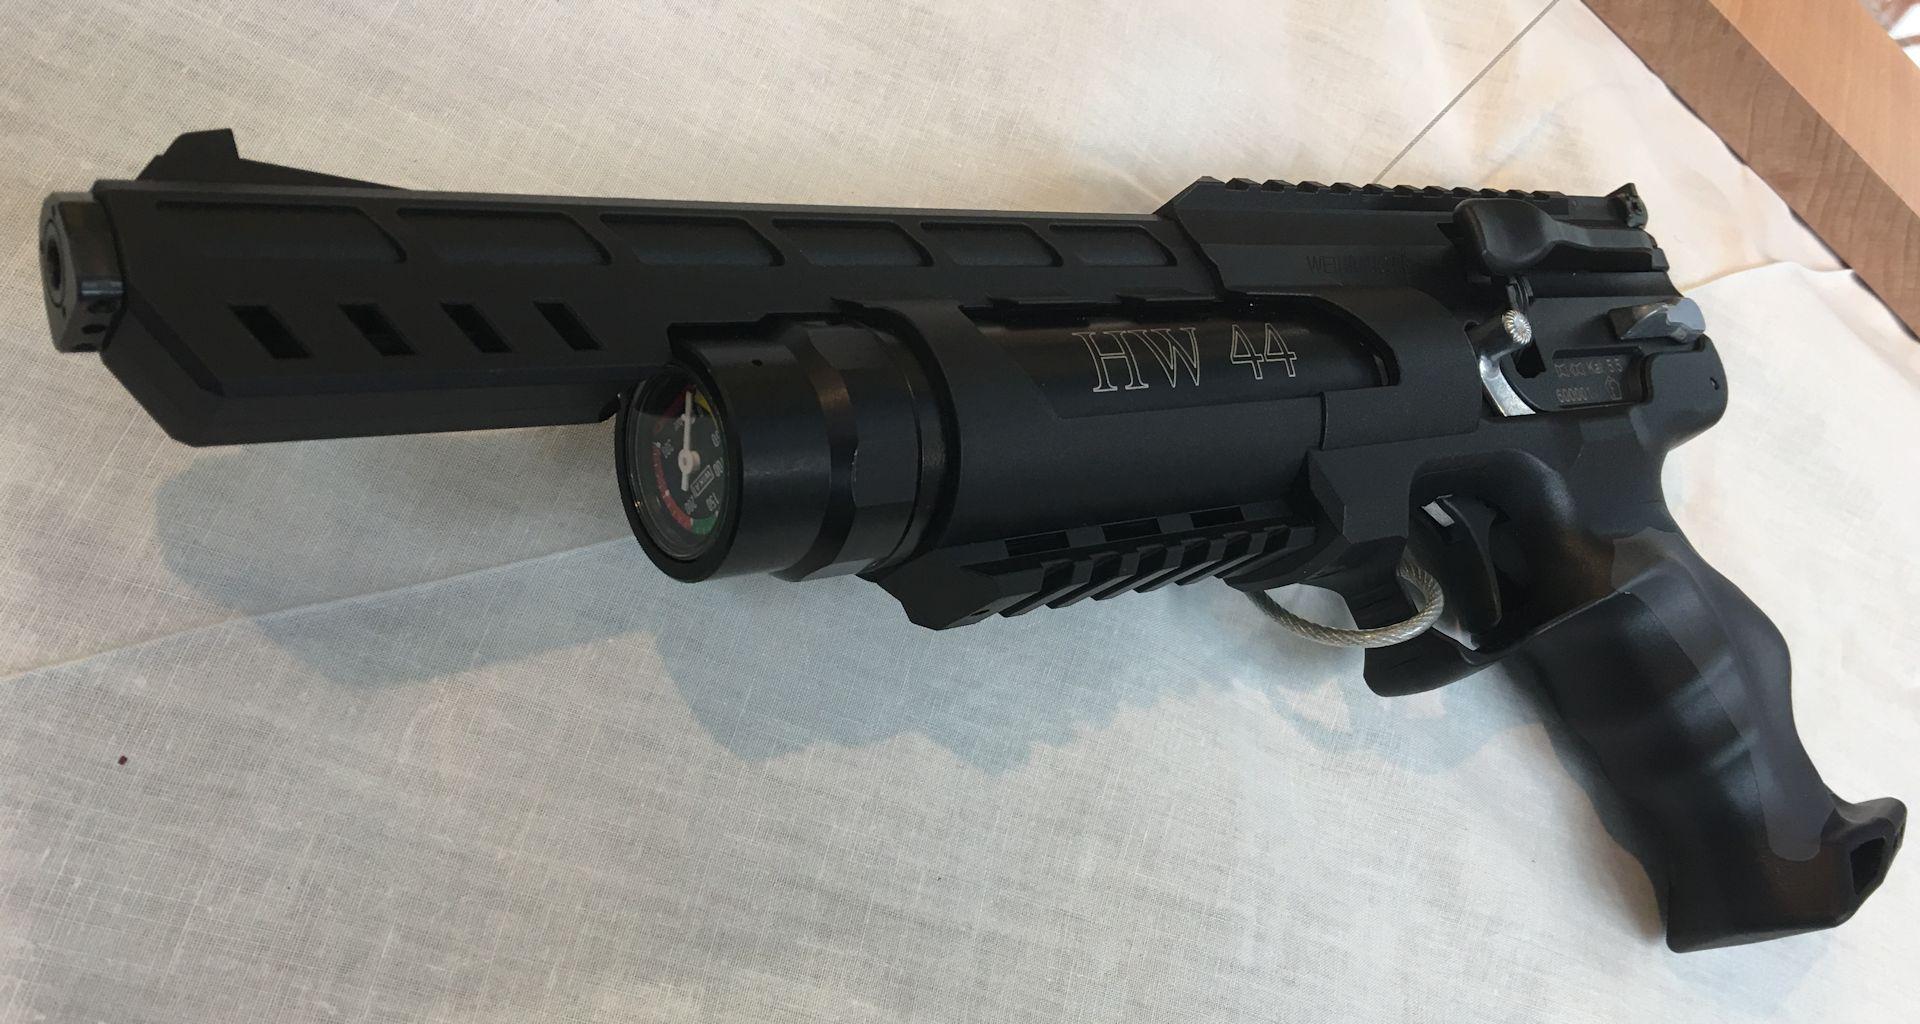 Die Luftpistole HW 44 kat eine offene, verstellbare Viserung. Also Kimme und Korn.